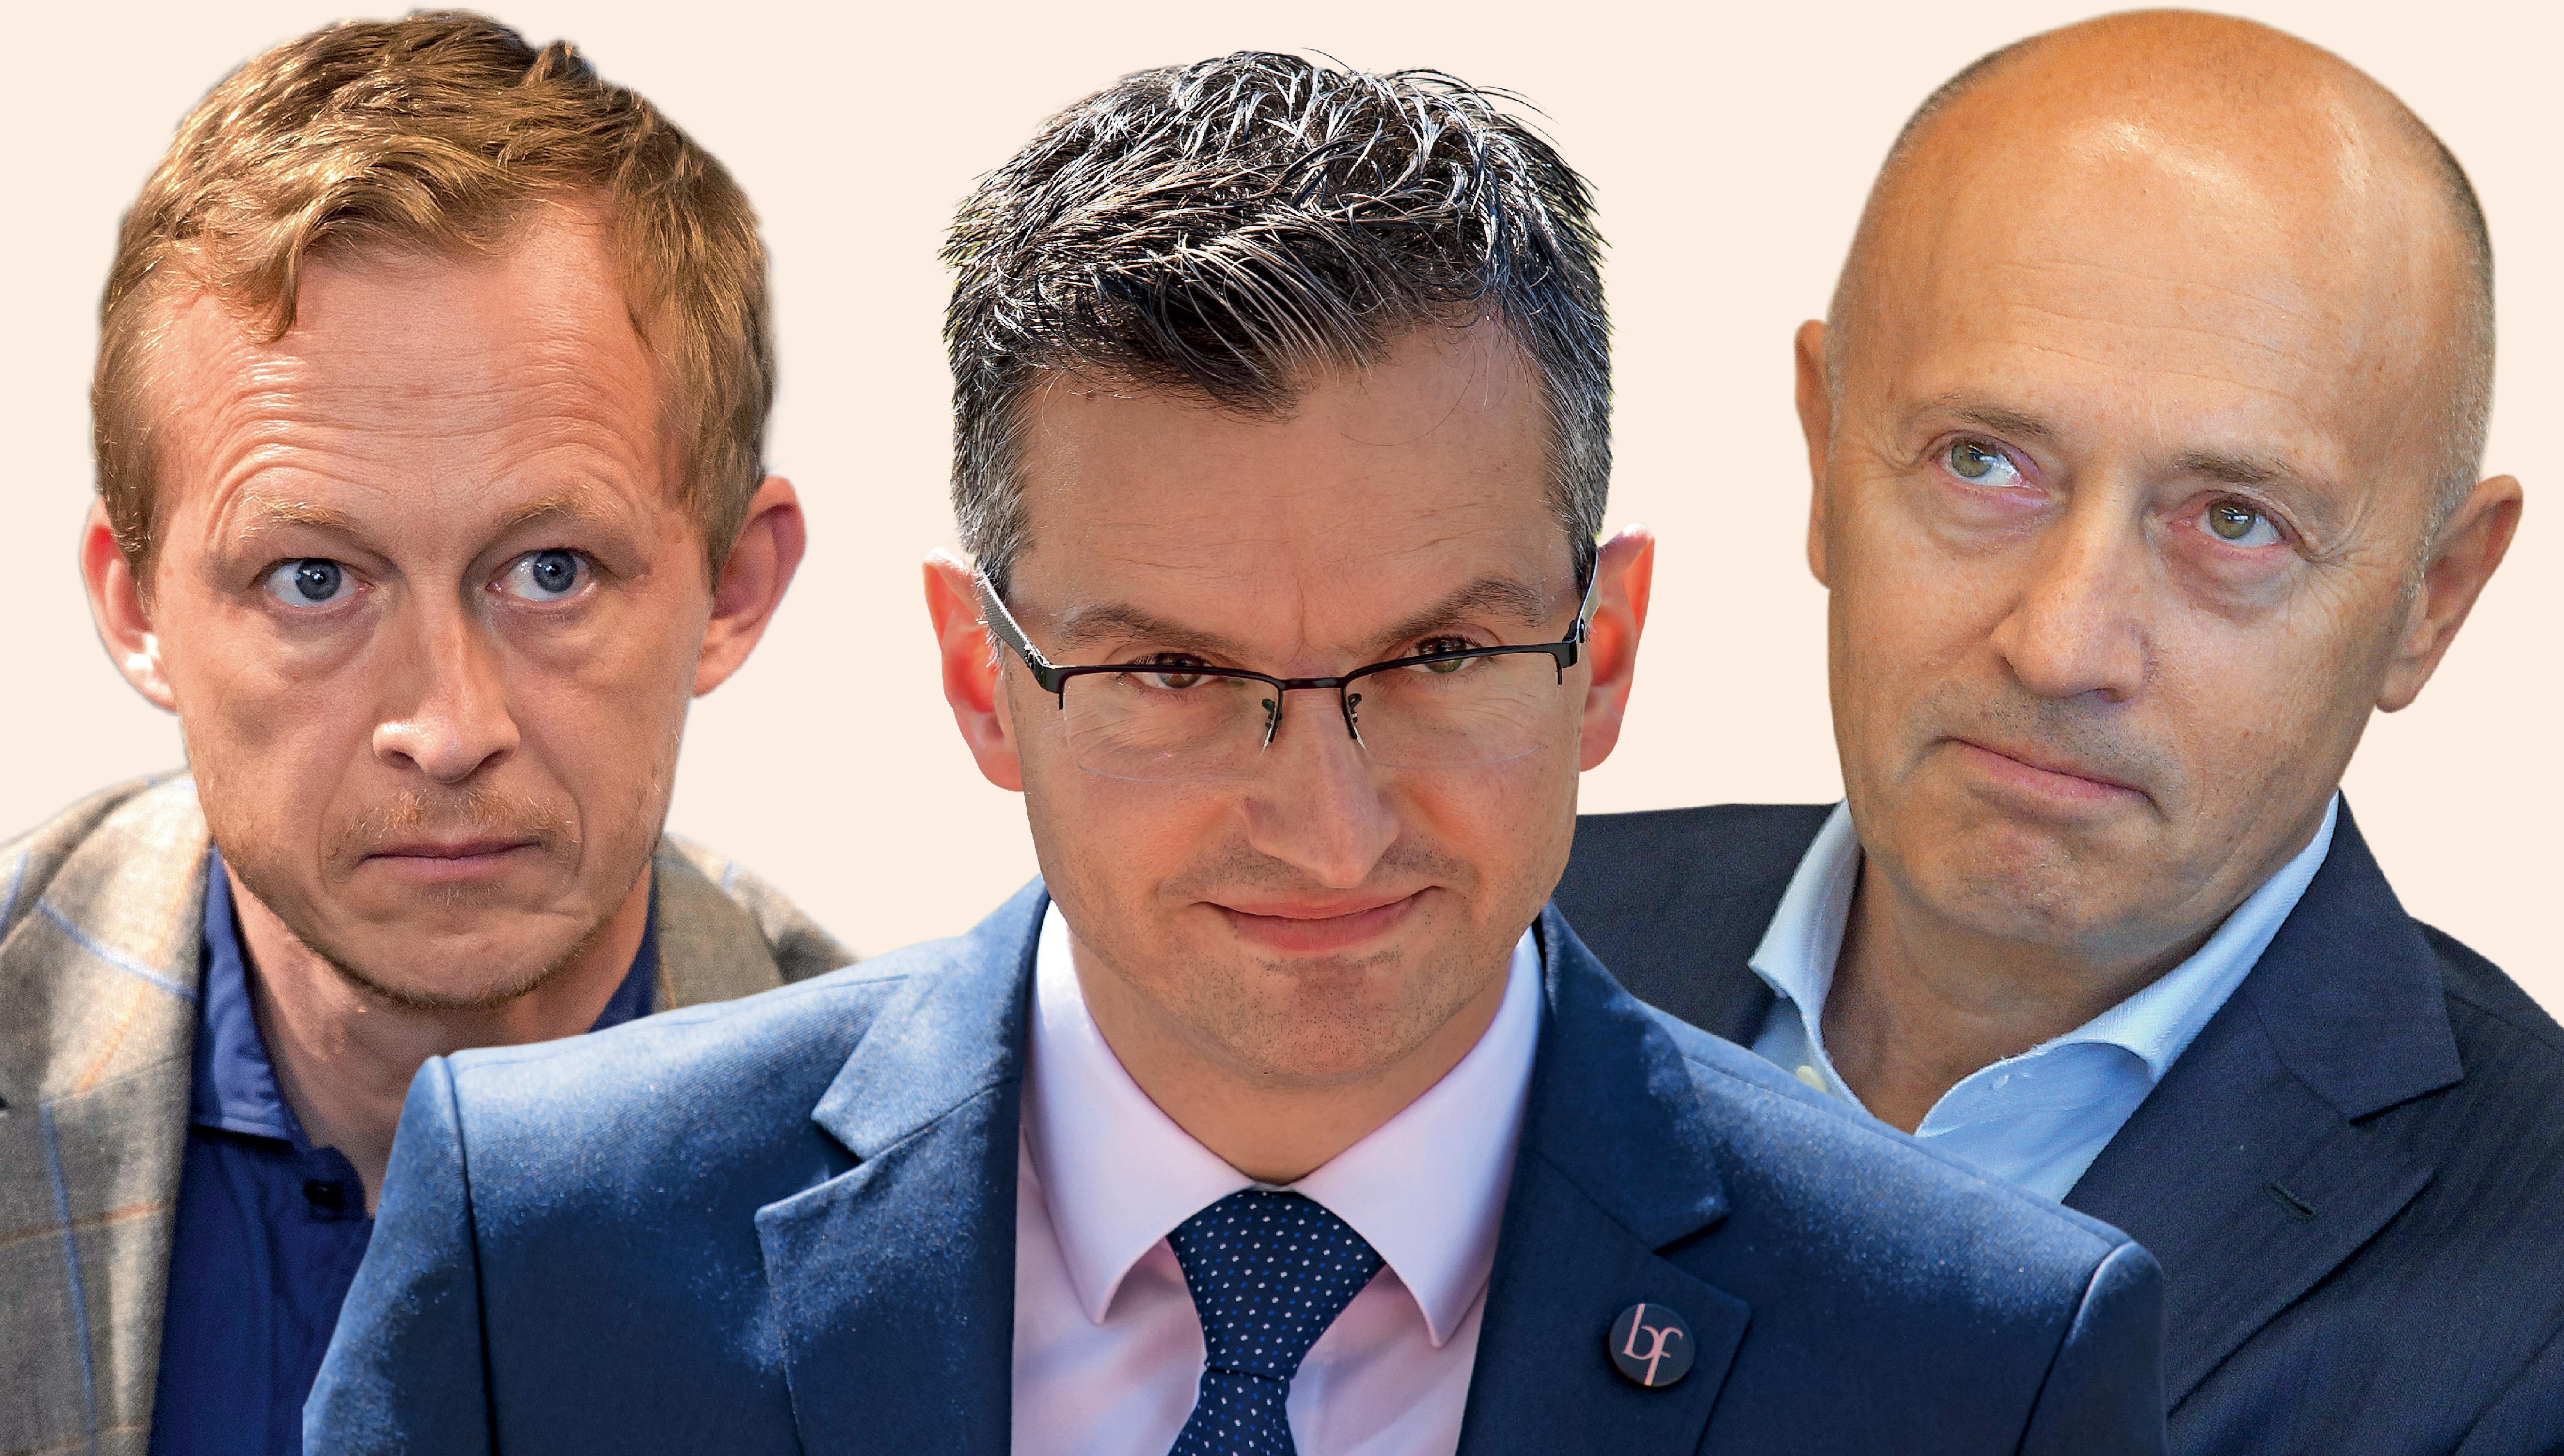 Odločitev politike, komu slovenski hoteli: ne Kostiću ne Jamniku, ampak državi